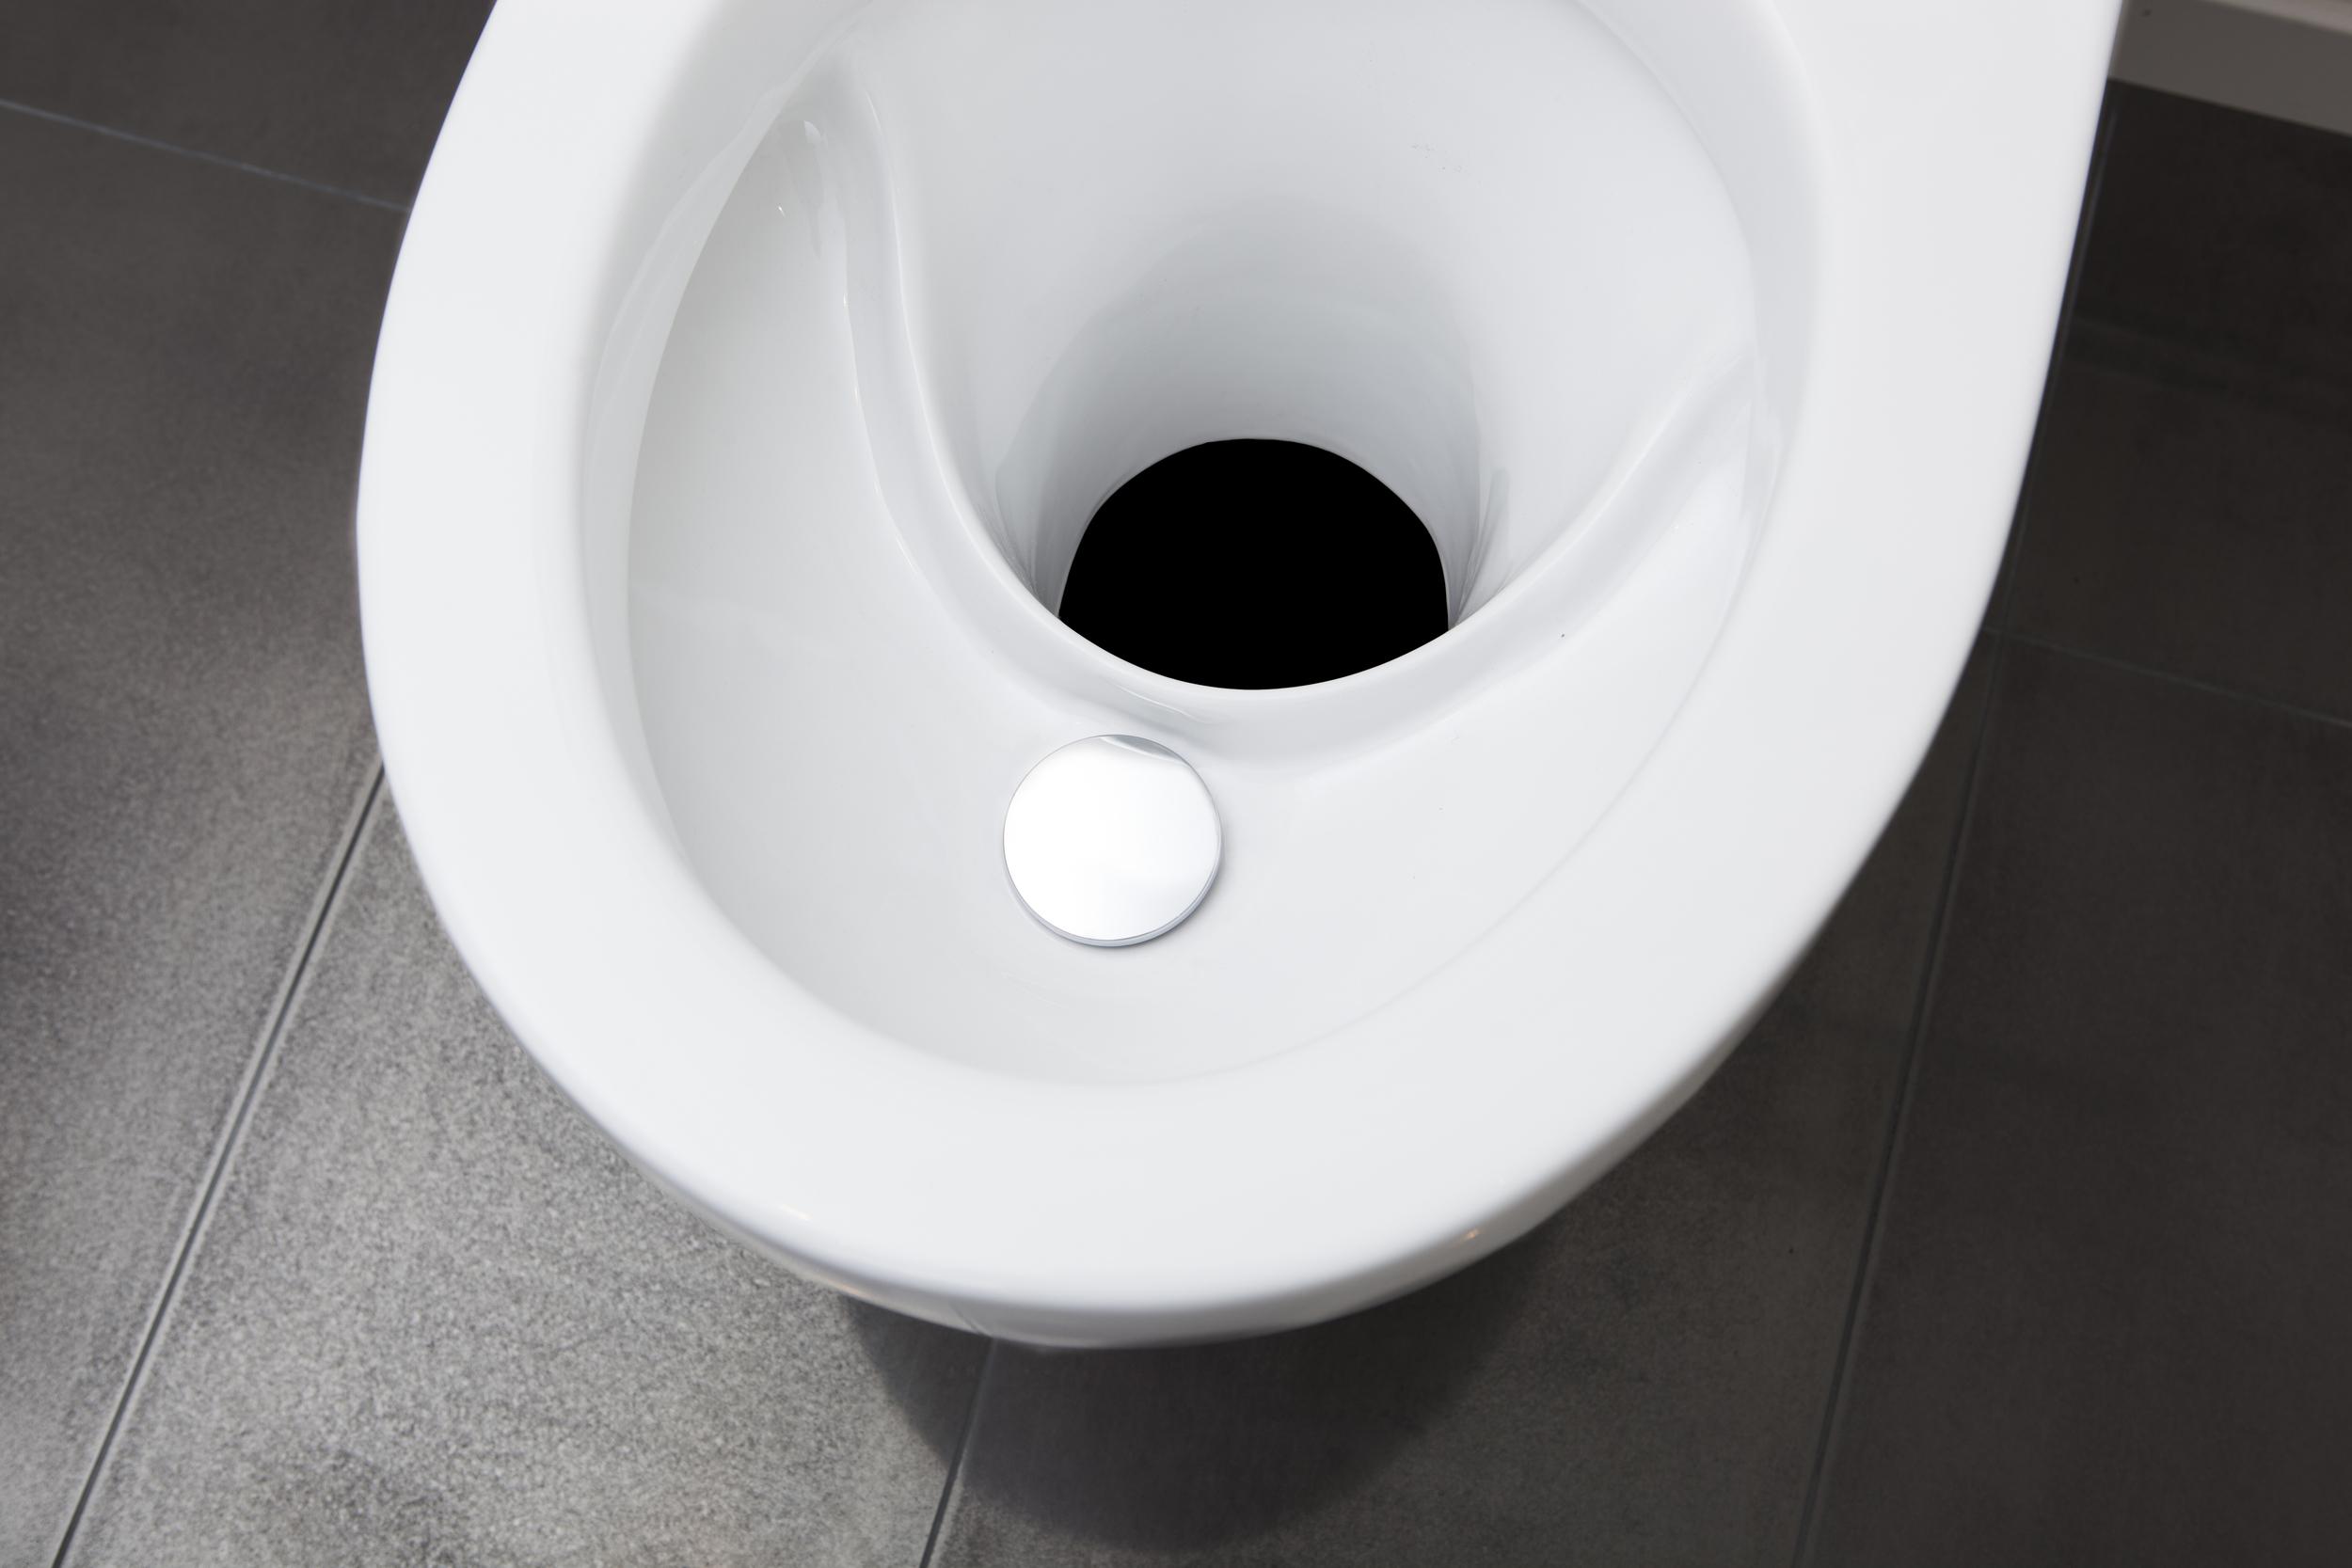 Fördelar att välja EcoDry torrtoalett! - Porslin det enda som gäller – EcoDry är den fräschaste och mest hållbara toaletten för fritdshus. Tack vare att den är gjord av porslin så håller den likt en vanlig toalett - i många år, och hålls mycket mer fräsch och hygienisk än plast och andra material.Urinsortering med spolning – Urinsorteringen gör så att fekalierna blir torra och luktfria. Nu finns också ett inbyggt vattenlås som är helt unikt. Vattenlåset gör det omöjligt för urindoft att tränga in i toalettutrymmet. Vatten spolas i urinskålen genom inkoppling av vatten eller genom att hälla vatten för hand.Osynligt luktfritt avfall – Med ett svart långt nedfallsrör så syns inte avfallet. Vi rekommenderar ett svart 200mm nedfallsrör av polyeten monteras i anpassad längd till en valfri behållare. Polyeten har yta som smuts ej fastnar på. På behållaren nedanför ska en fläkt monteras för avfallet ska torka ut ordentligt.Läs mer om EcoDry!